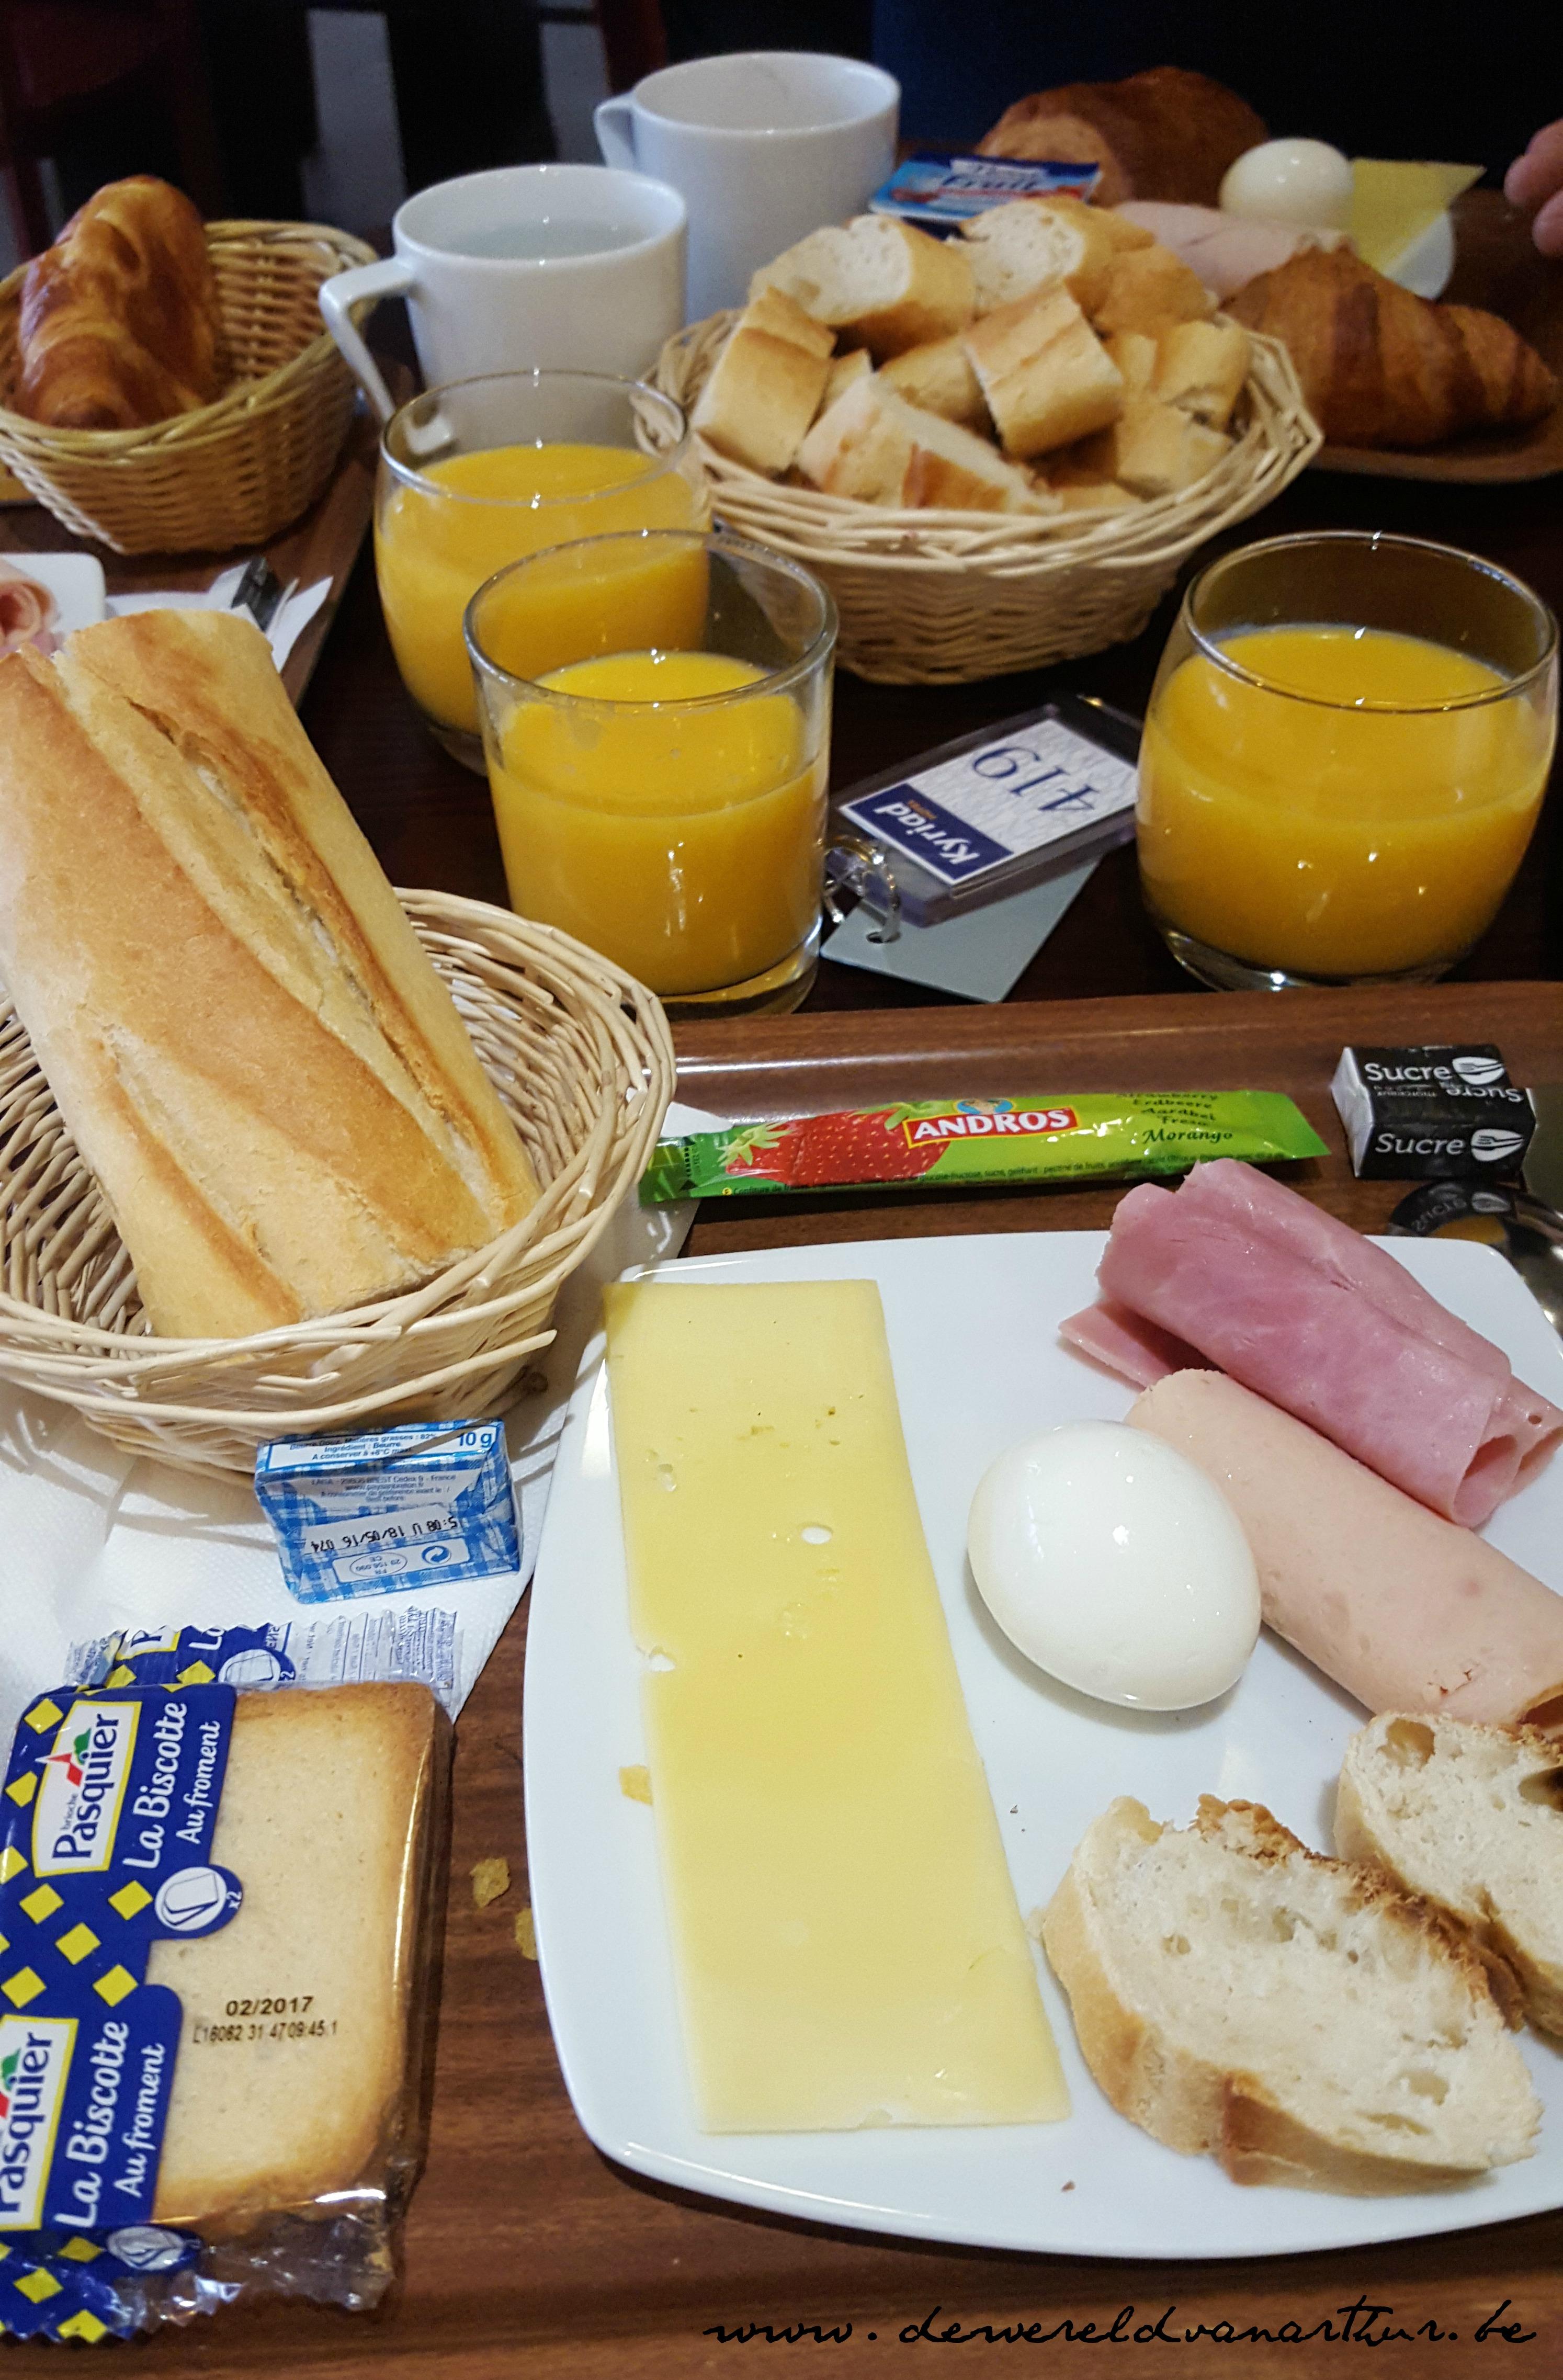 ontbijt kyriad hotel de wereld van arthur